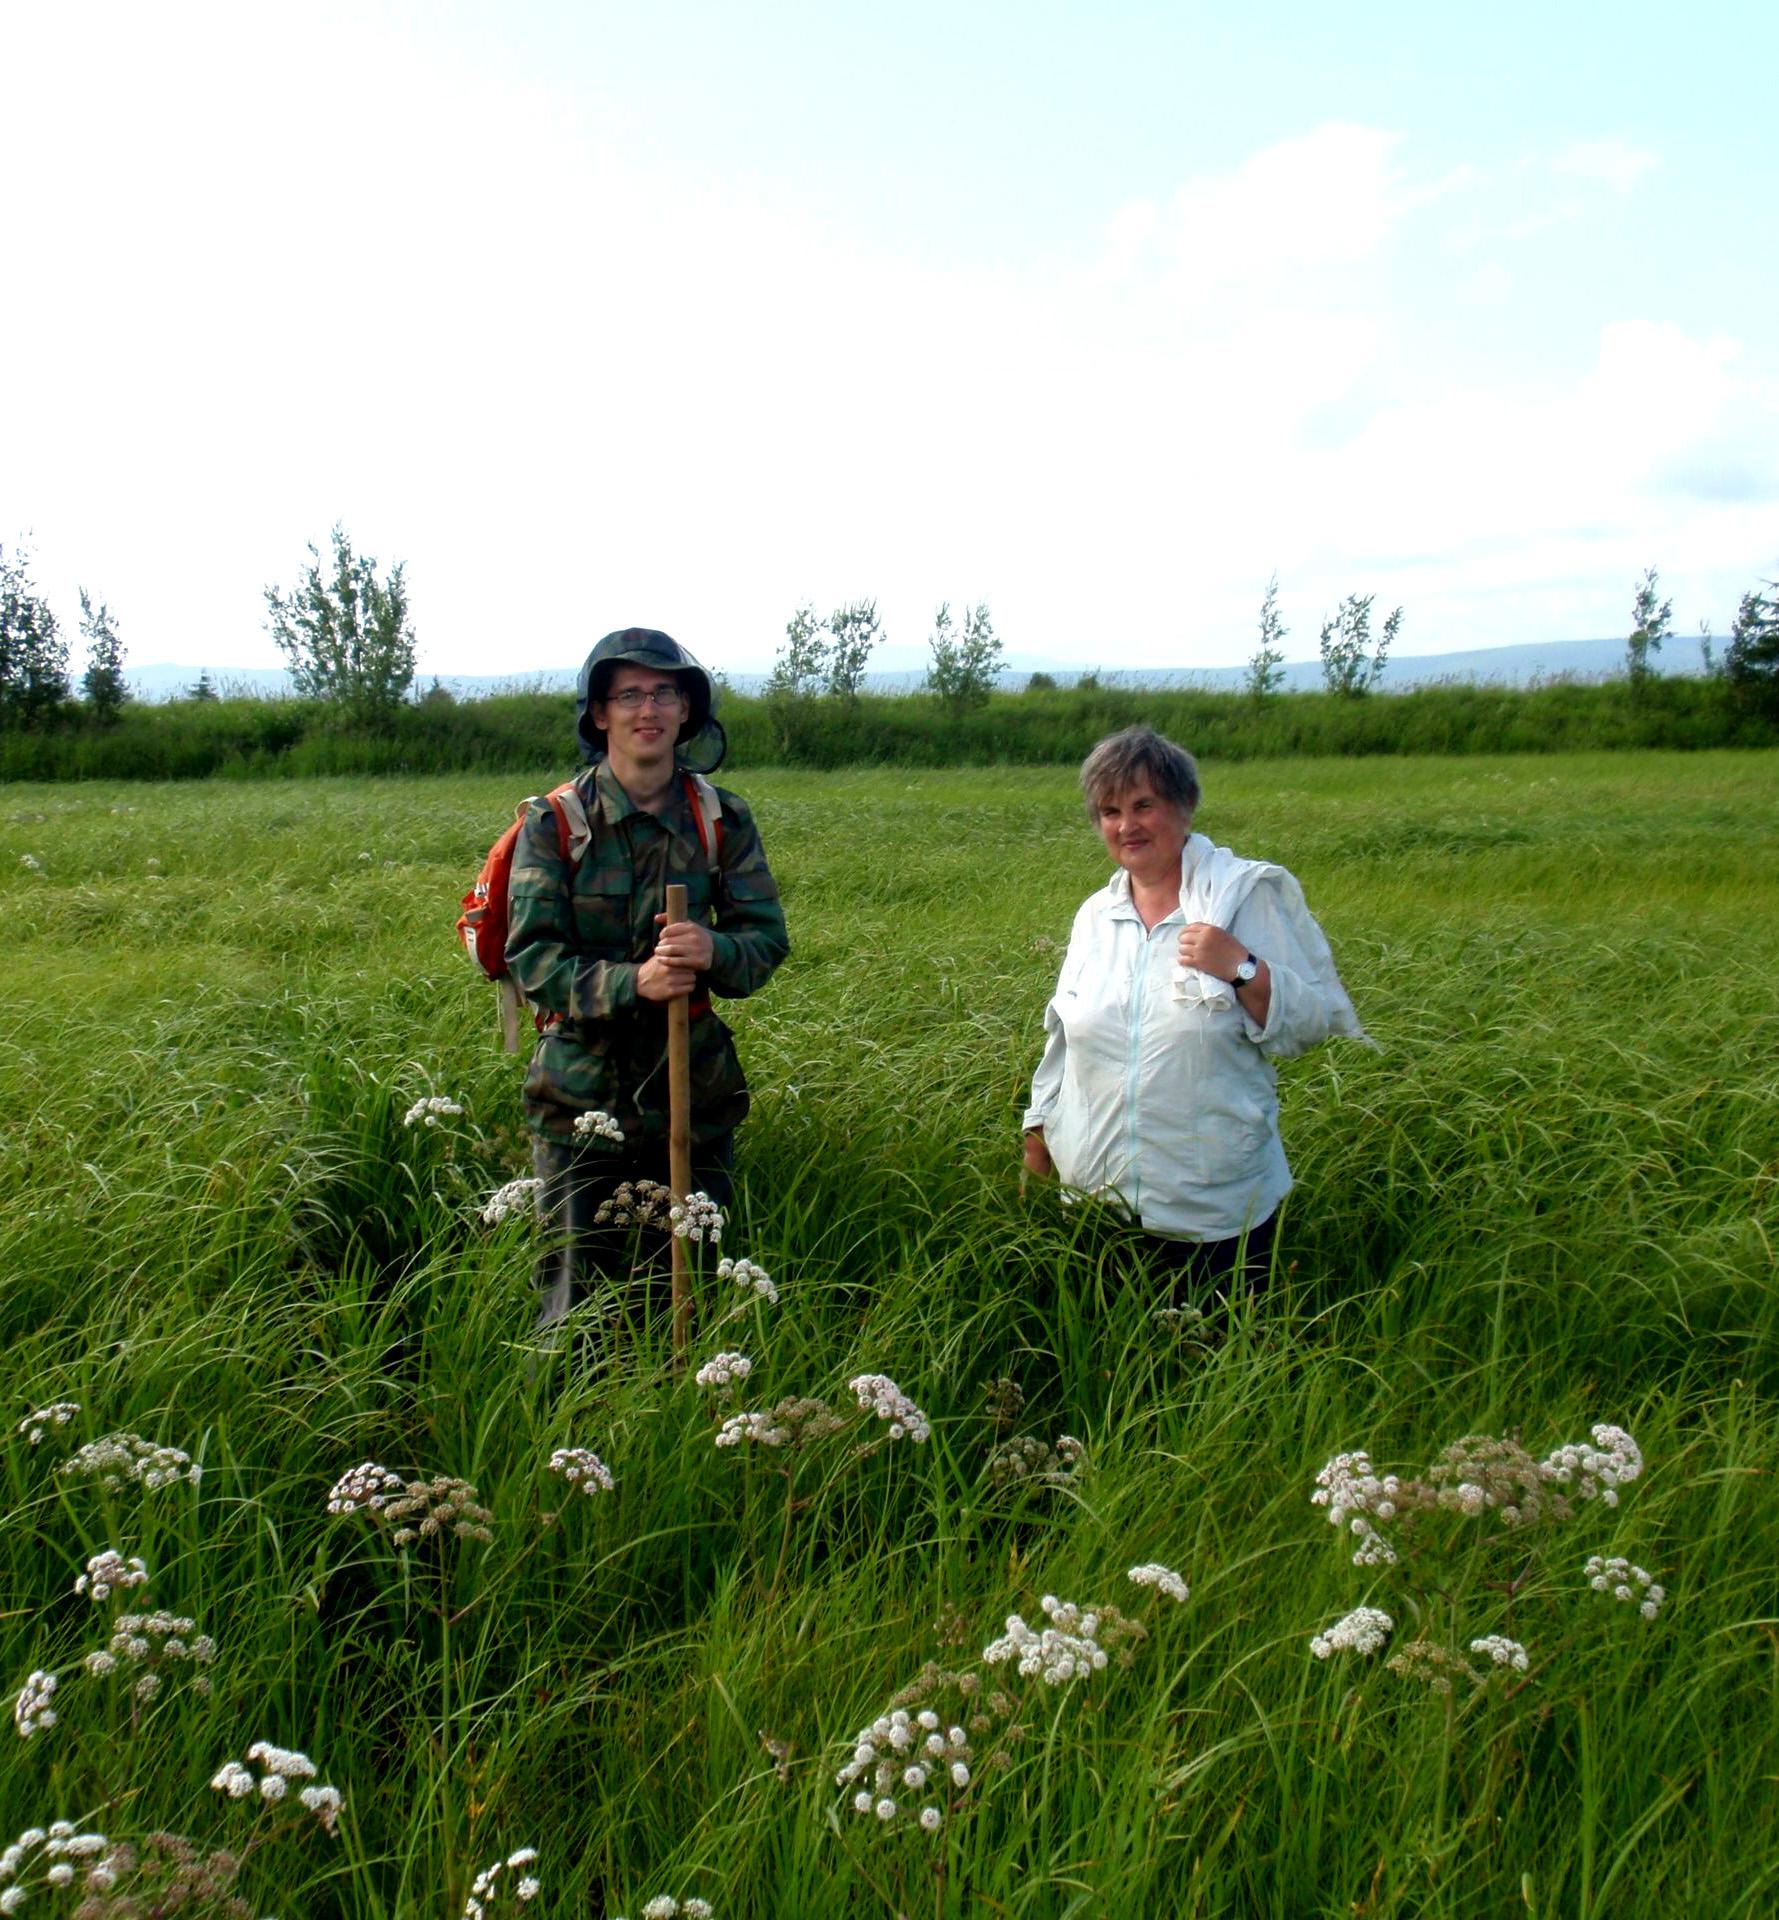 И. Митрофанов и Л. Глотова на Та обследовании торфяных месторождений в долине реки Талон. 2012